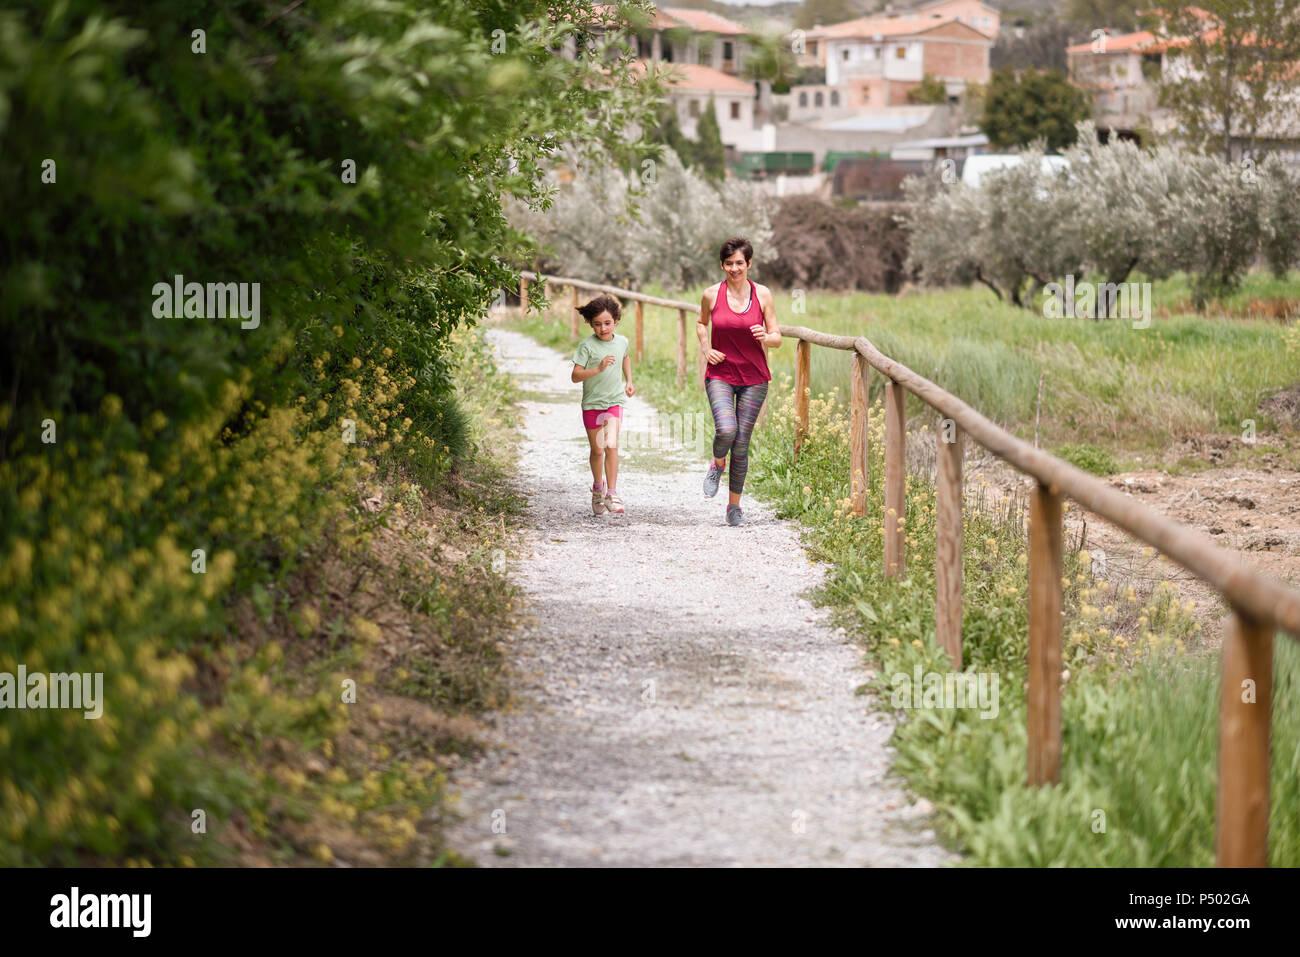 Mère et fille s'exécutant sur un chemin dans la nature de l'environnement Photo Stock